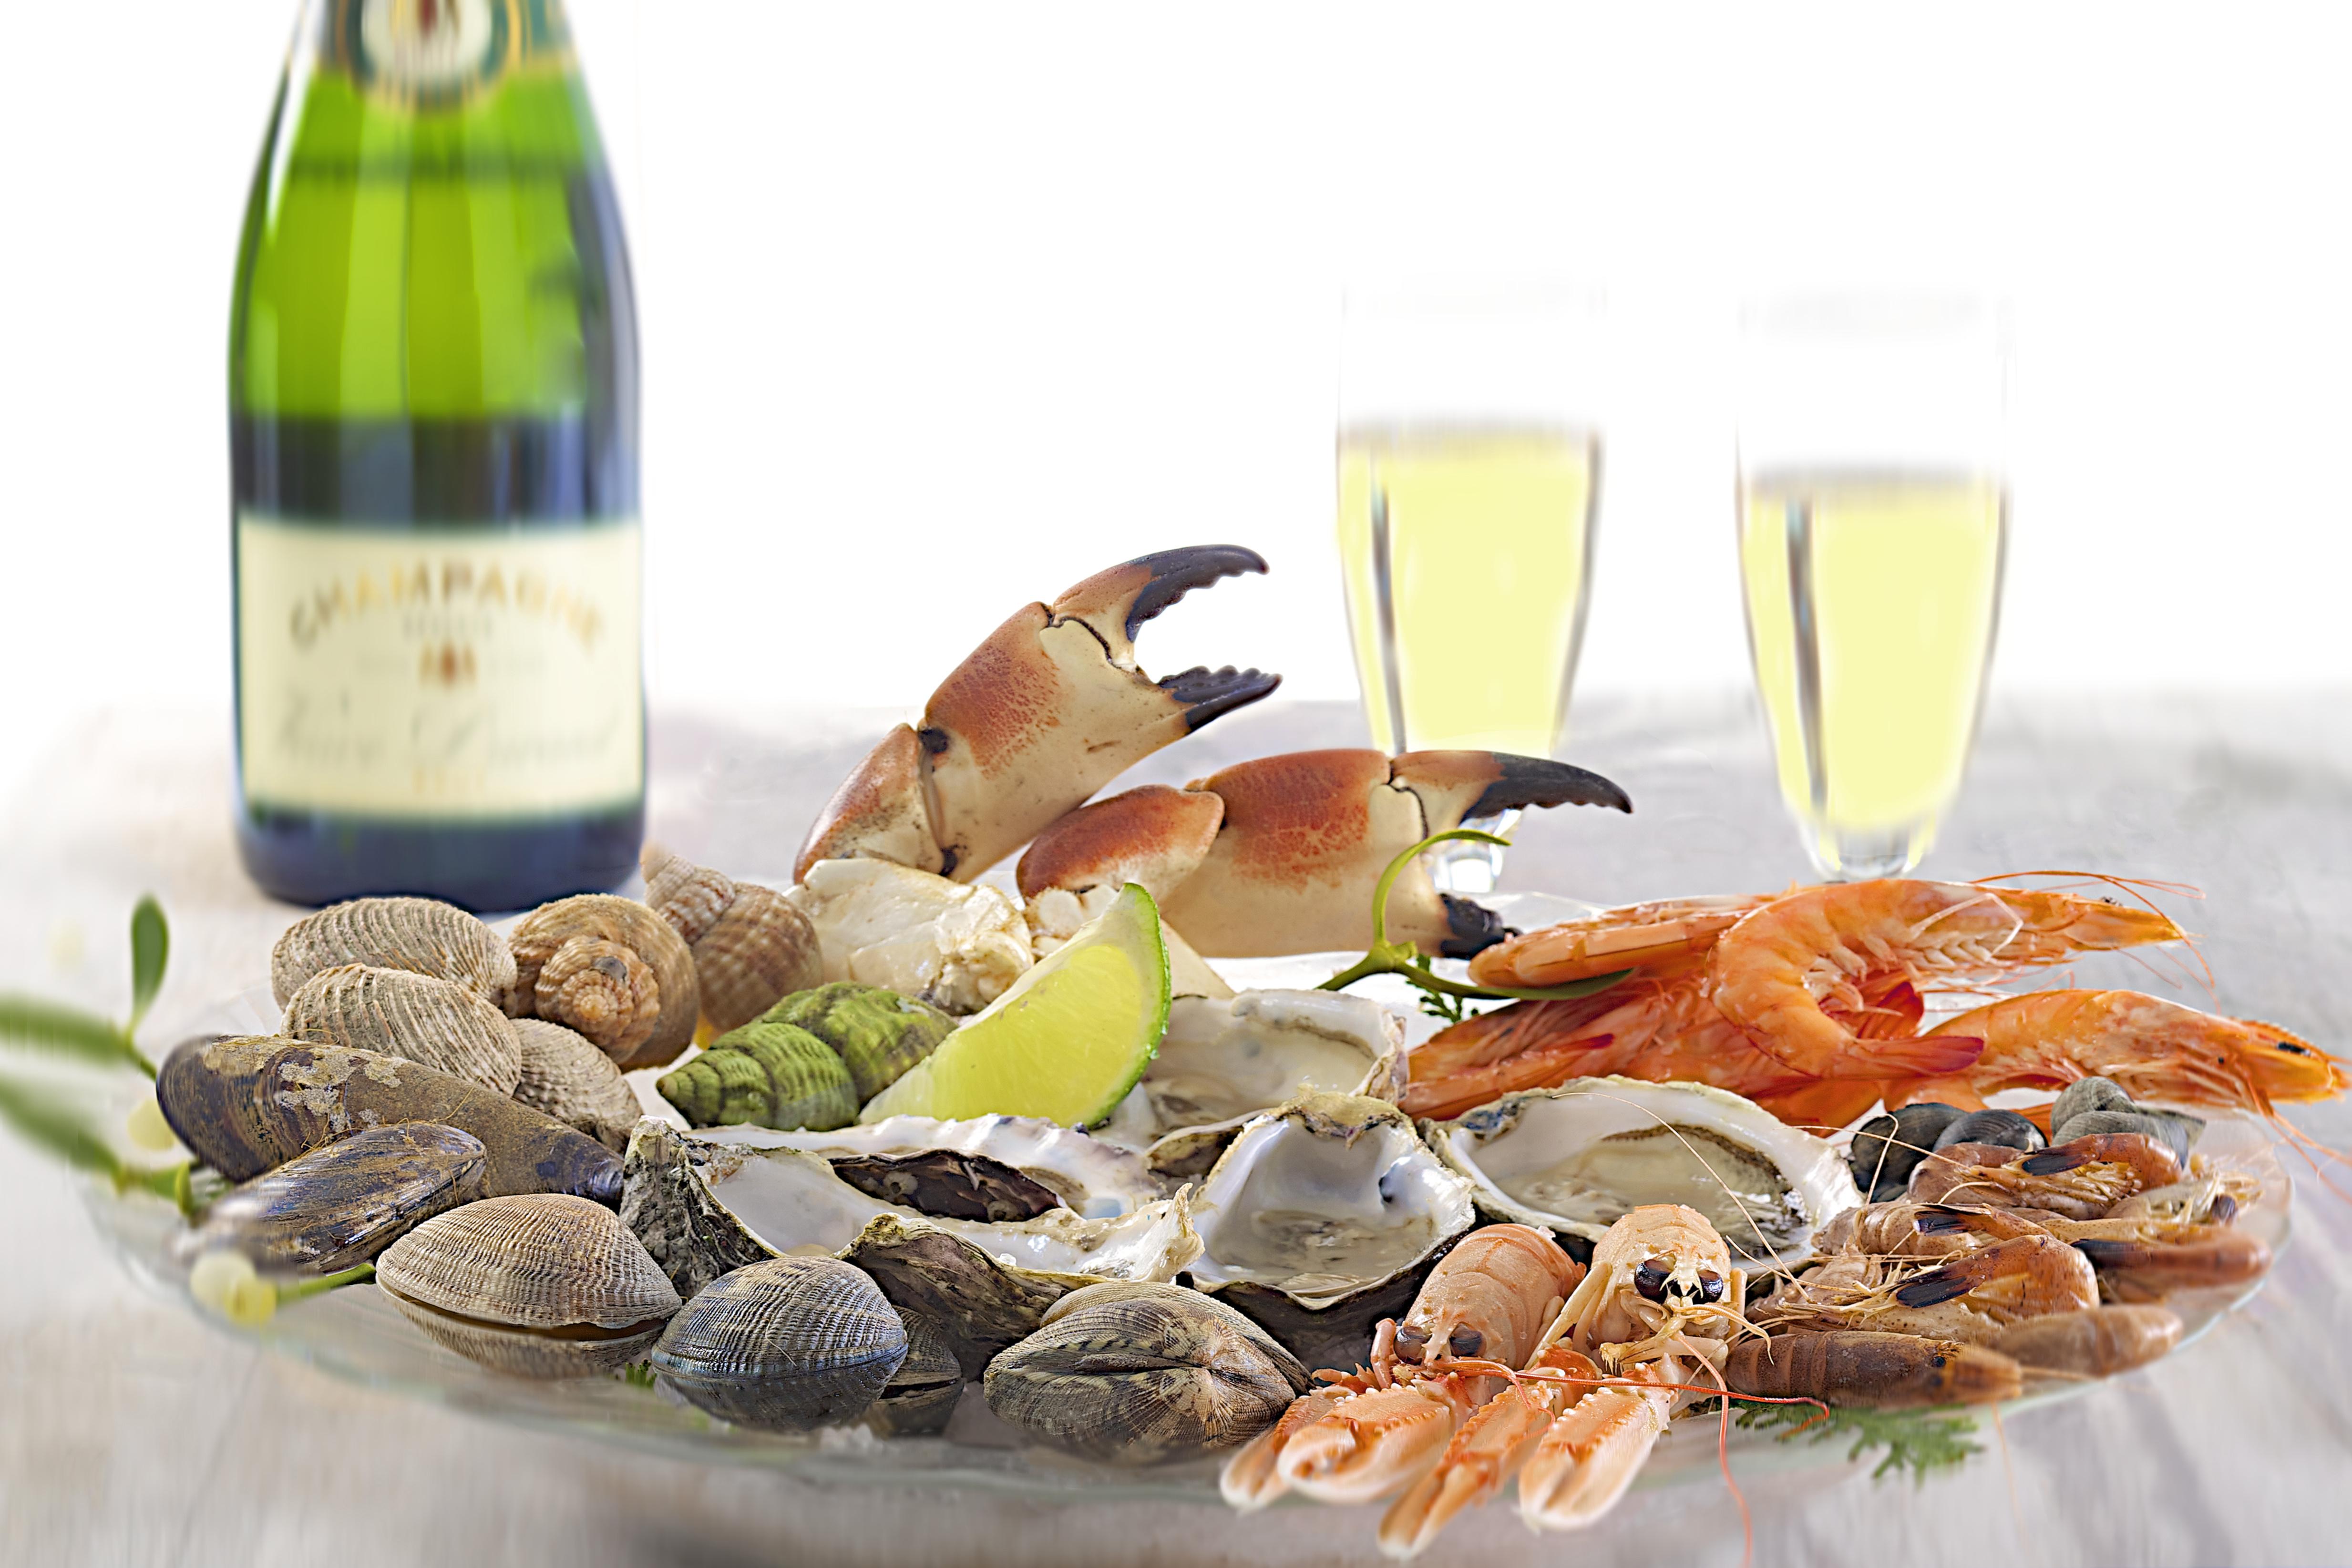 Connu Préparer un plateau de fruits de mer - Conseils de Chef pour  TK99